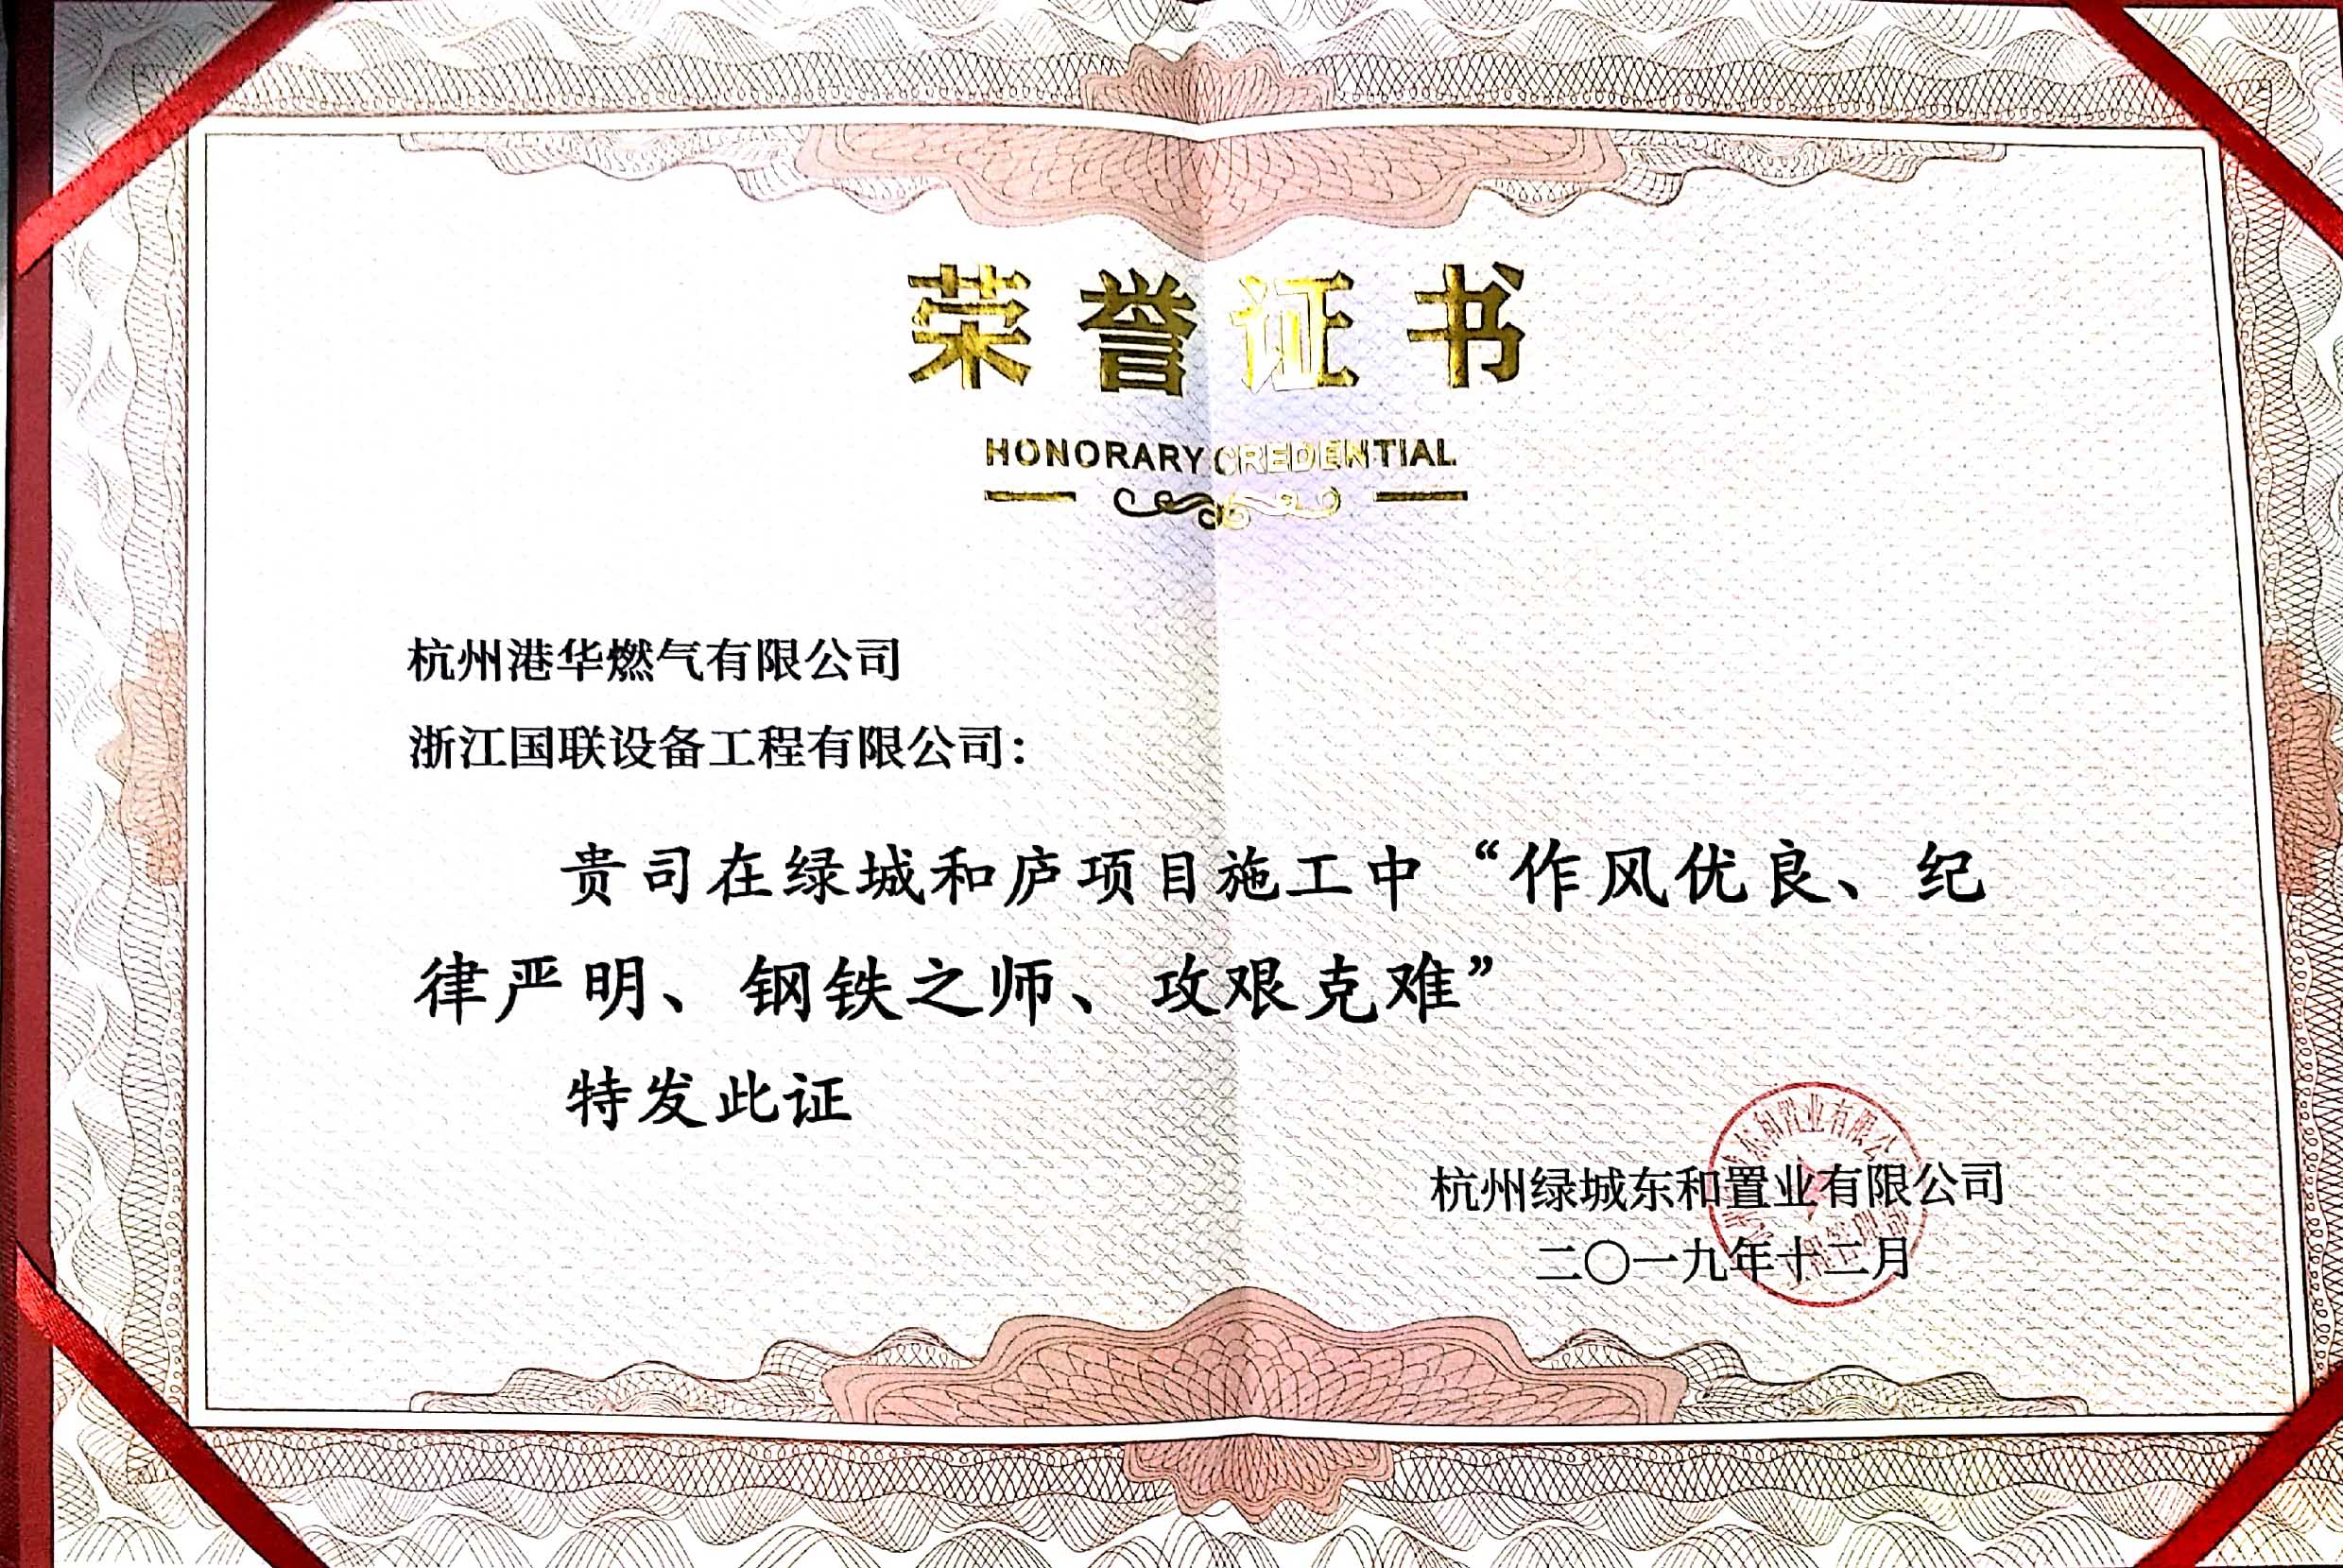 2019年余杭港華項目部.jpg